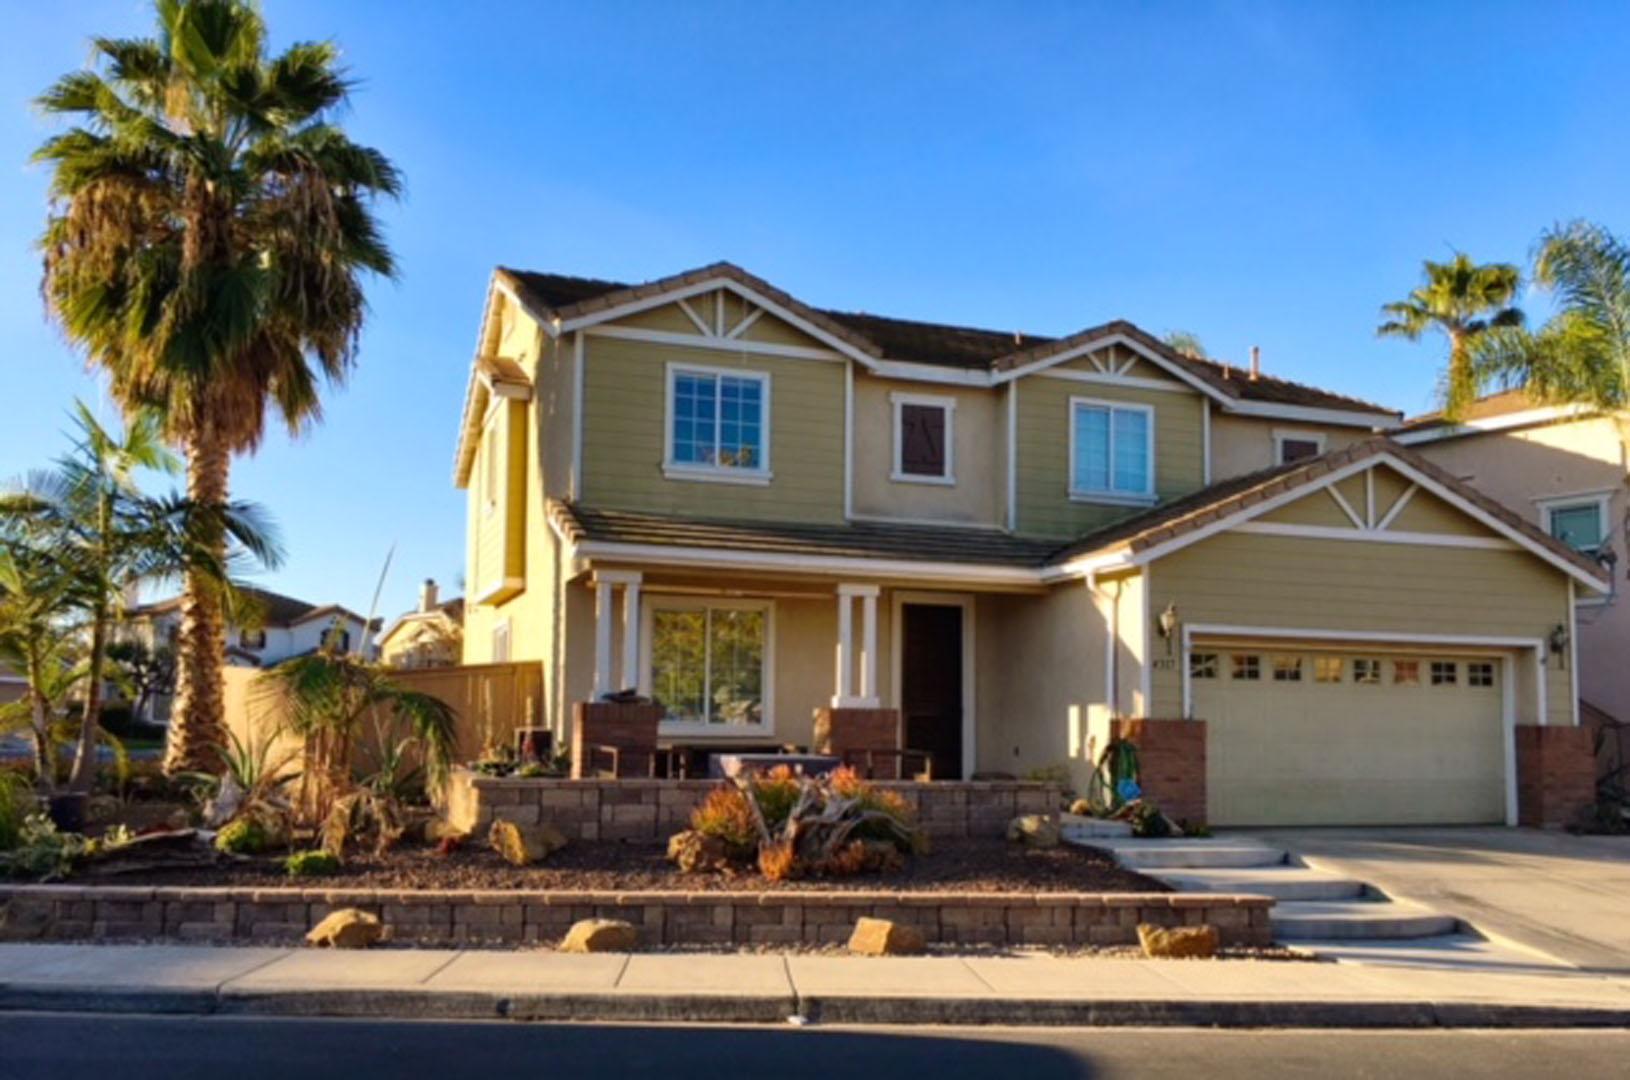 4317 Deer Valley Way , Oceanside, CA 92057